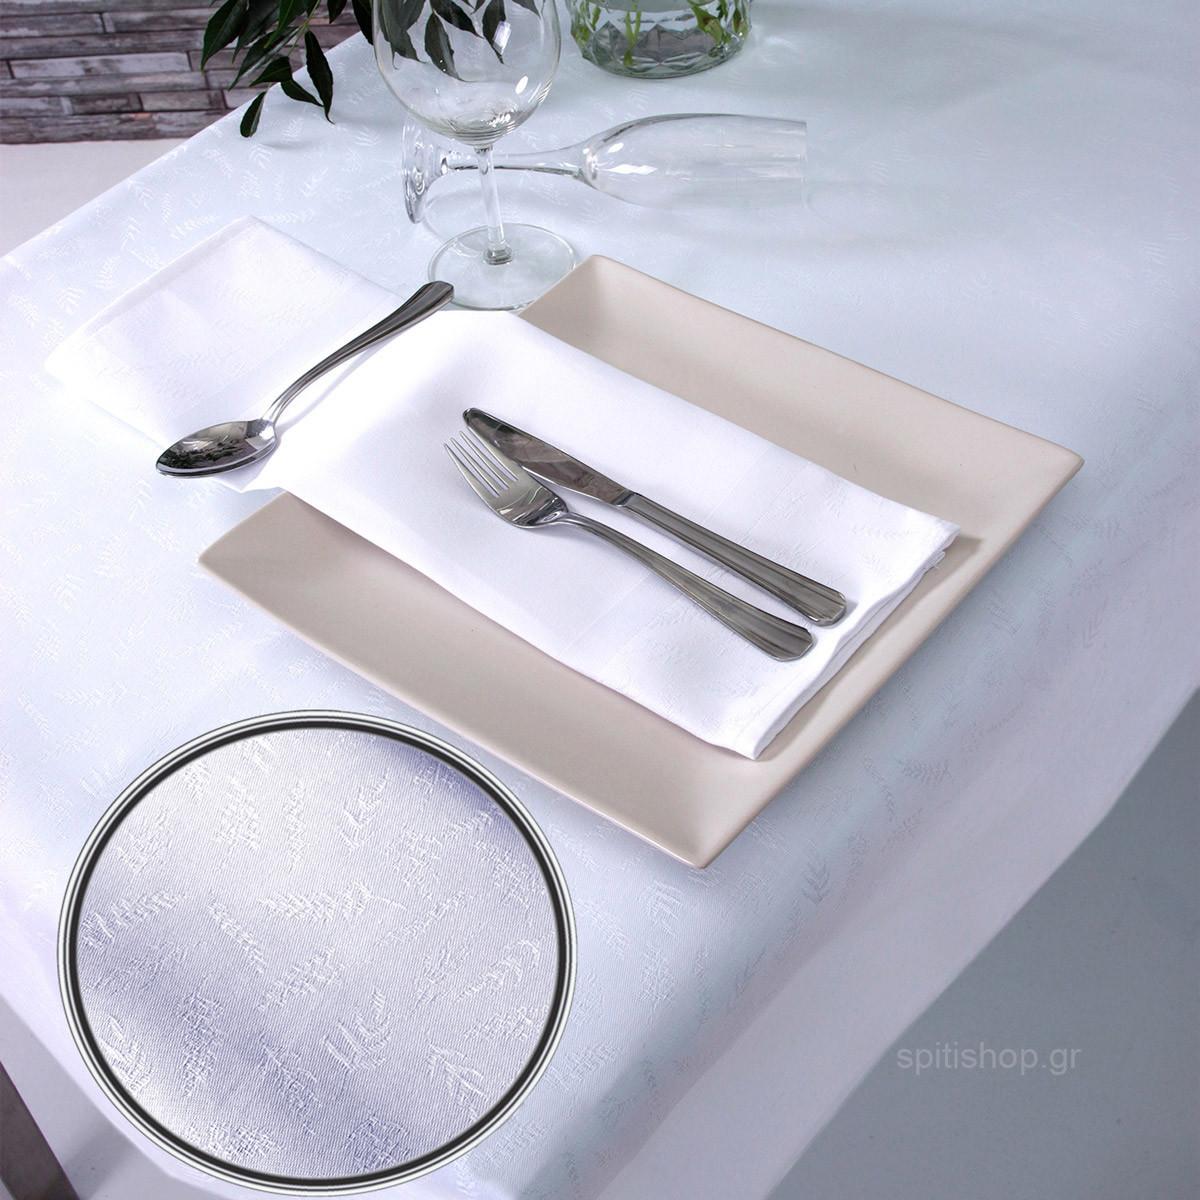 Πετσέτες Φαγητού (Σετ 2τμχ) Sb Home Leaves White